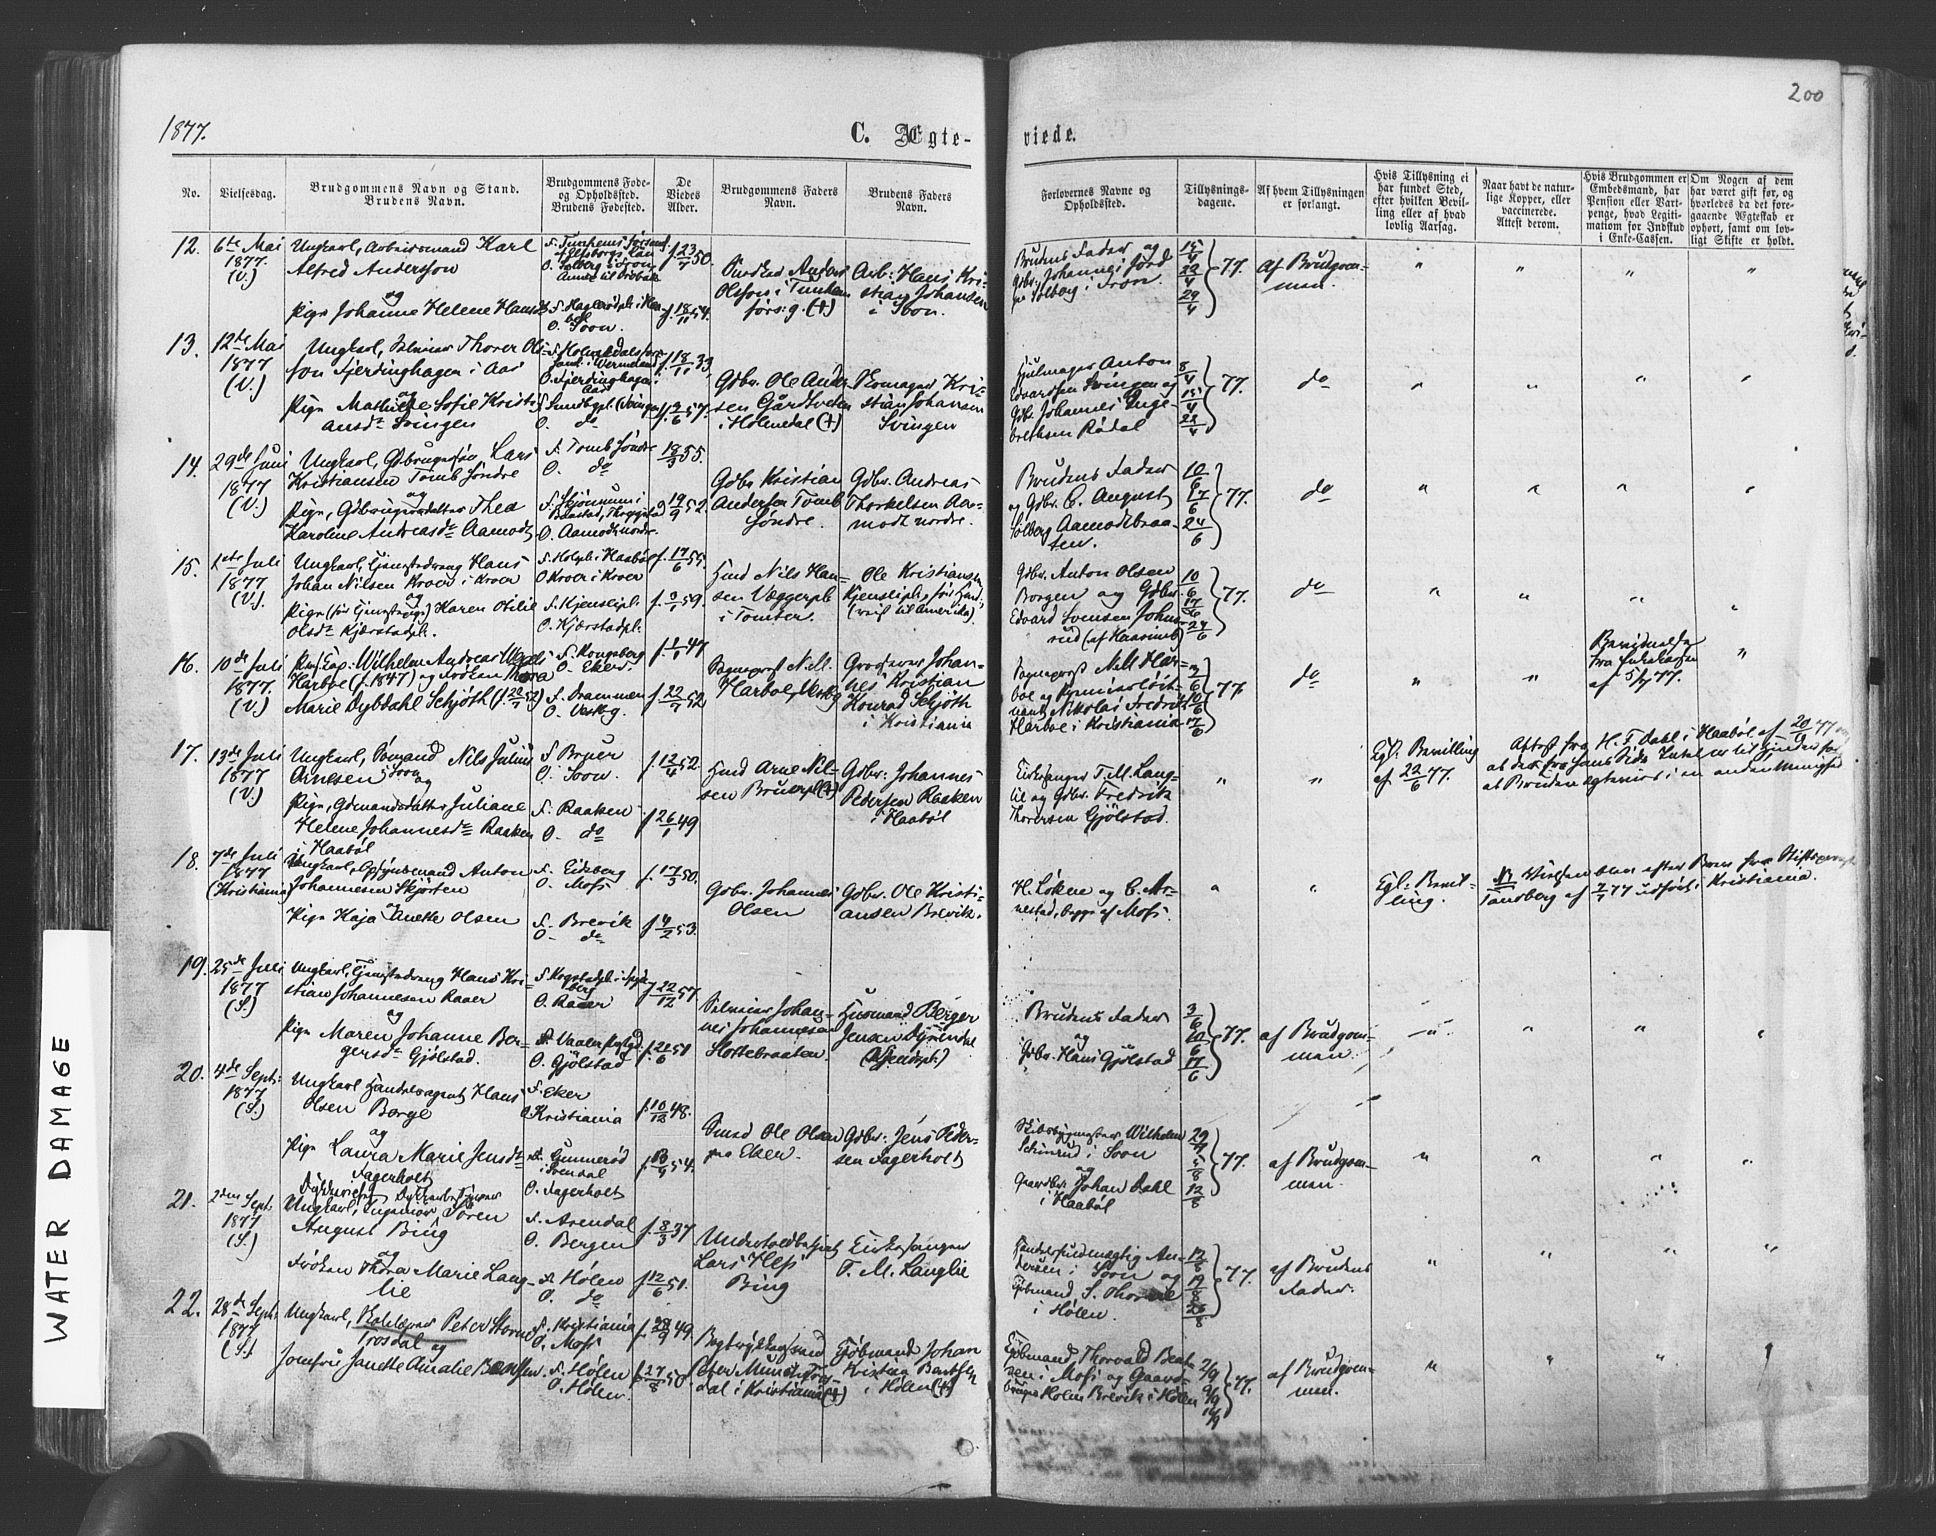 SAO, Vestby prestekontor Kirkebøker, F/Fa/L0008: Ministerialbok nr. I 8, 1863-1877, s. 200